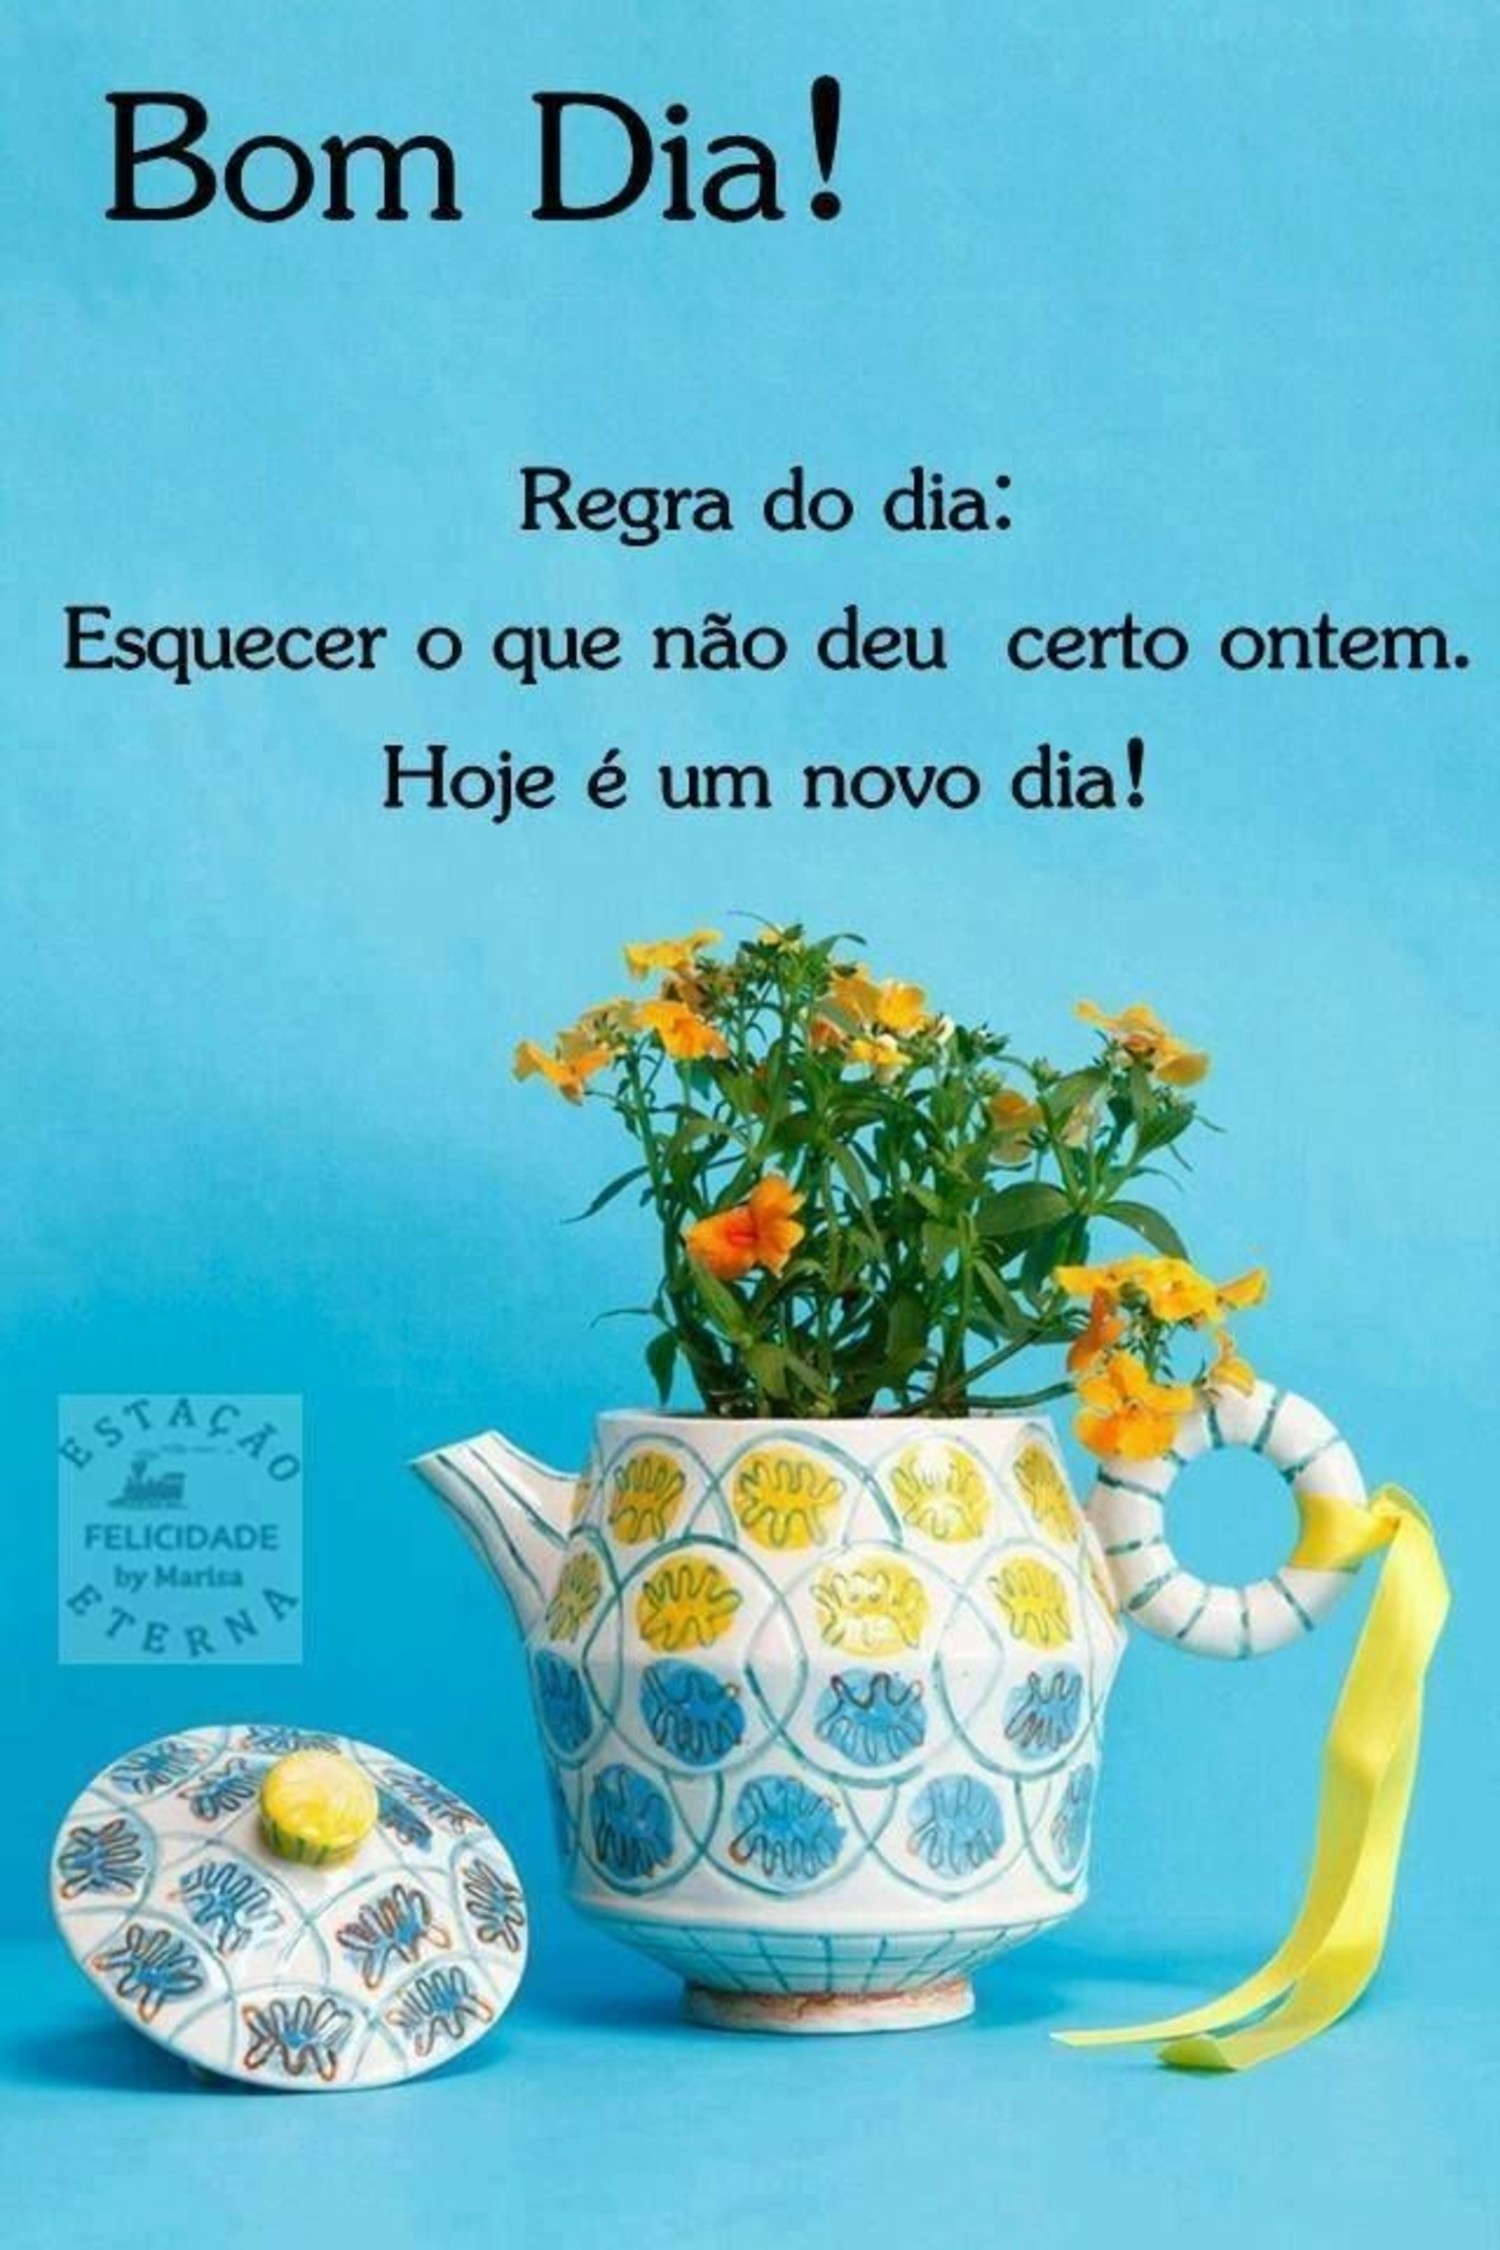 Mensagens belas do Bom Dia para Facebook 497